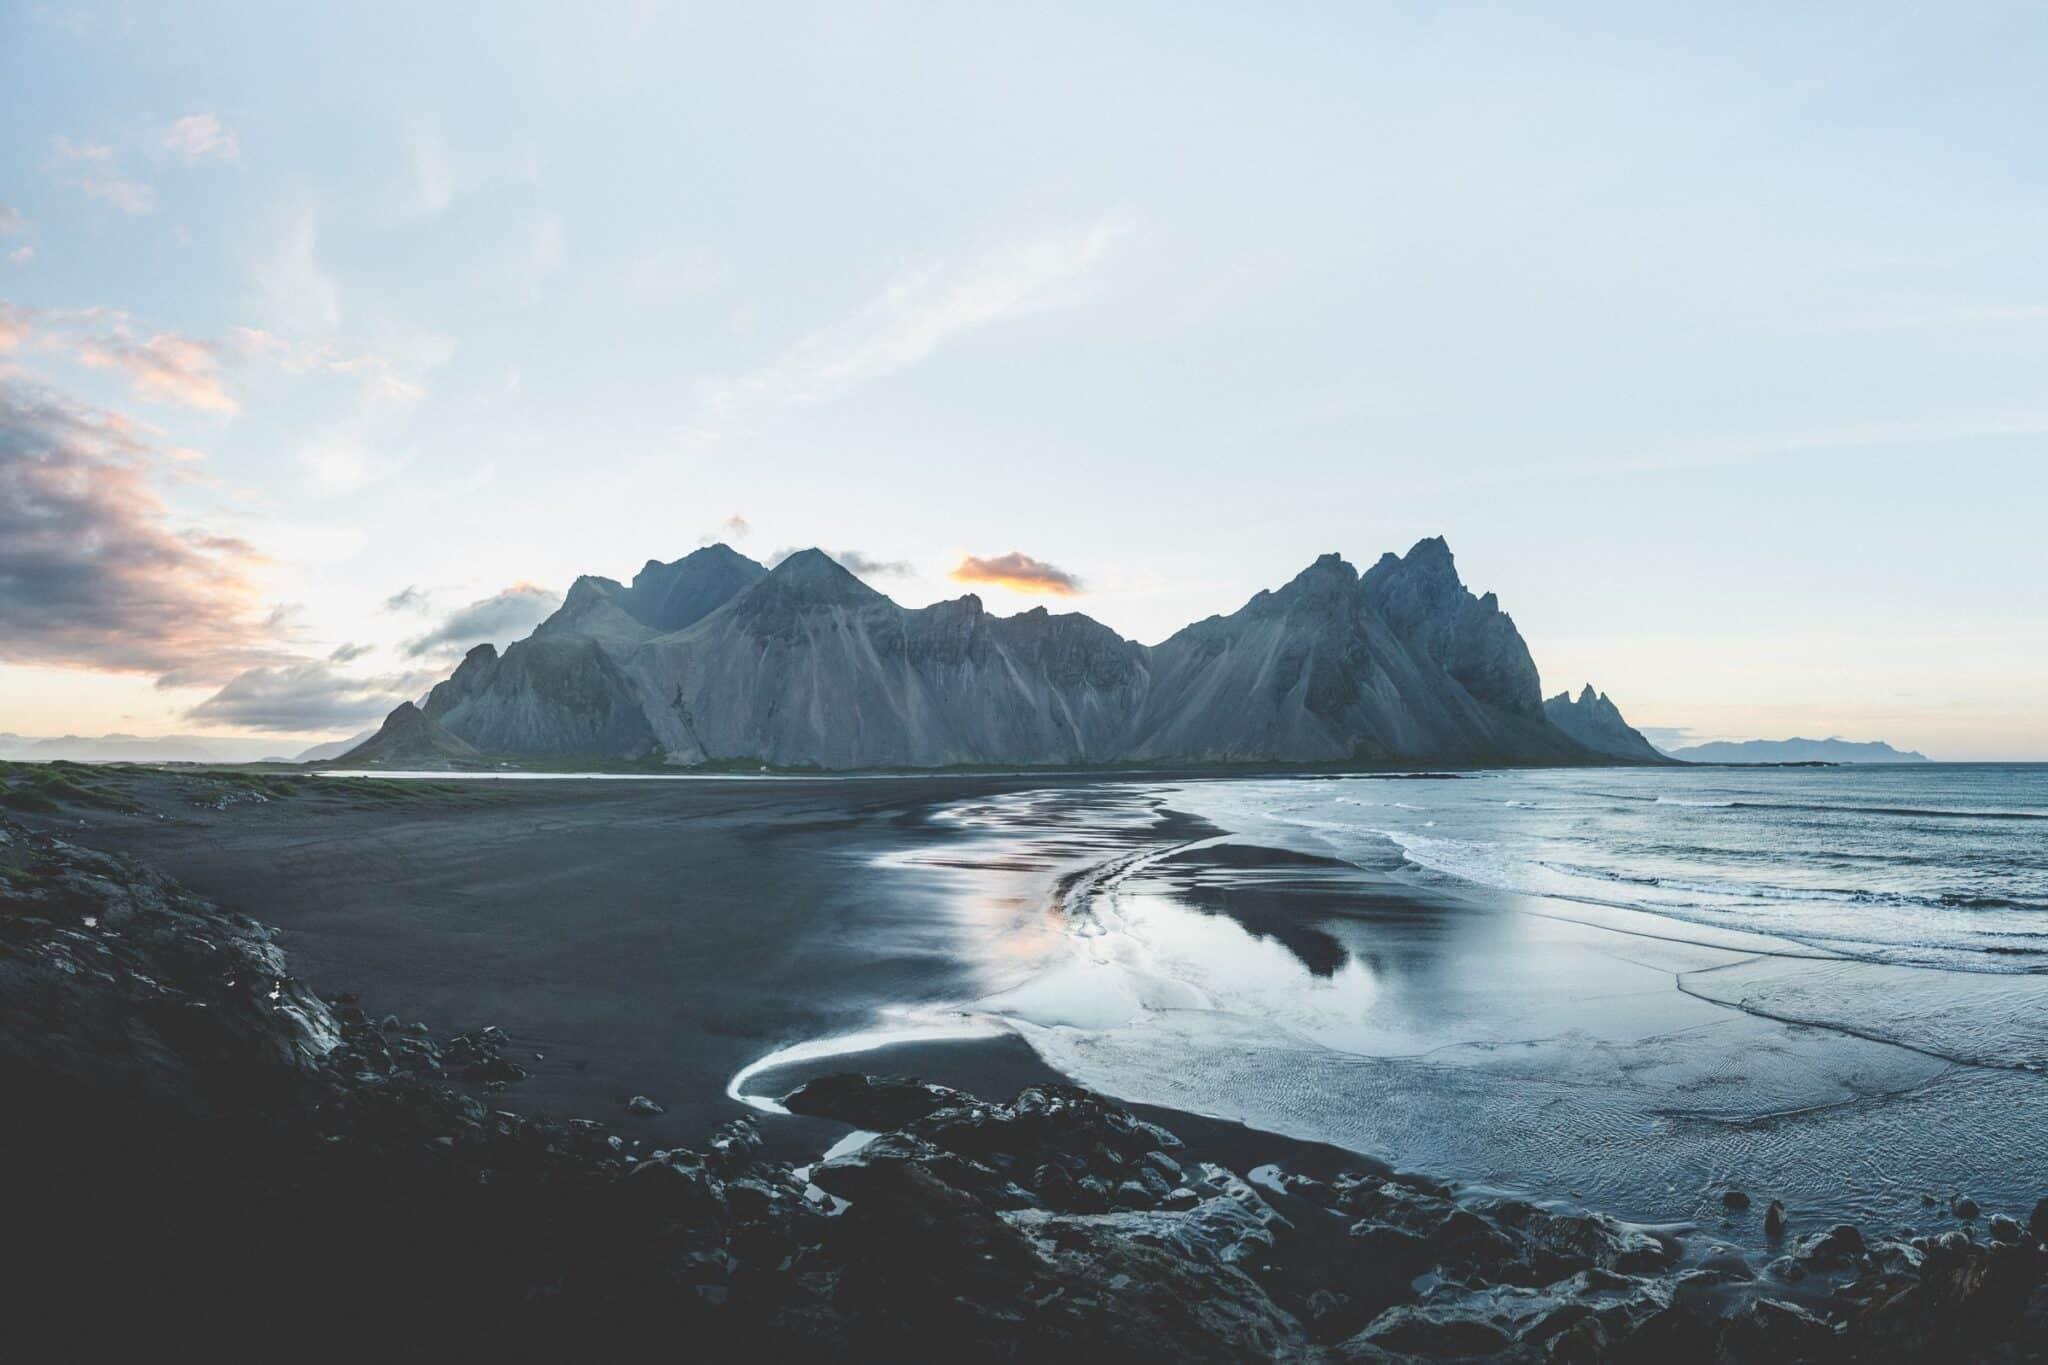 Adventure sustainably icelandic landscape